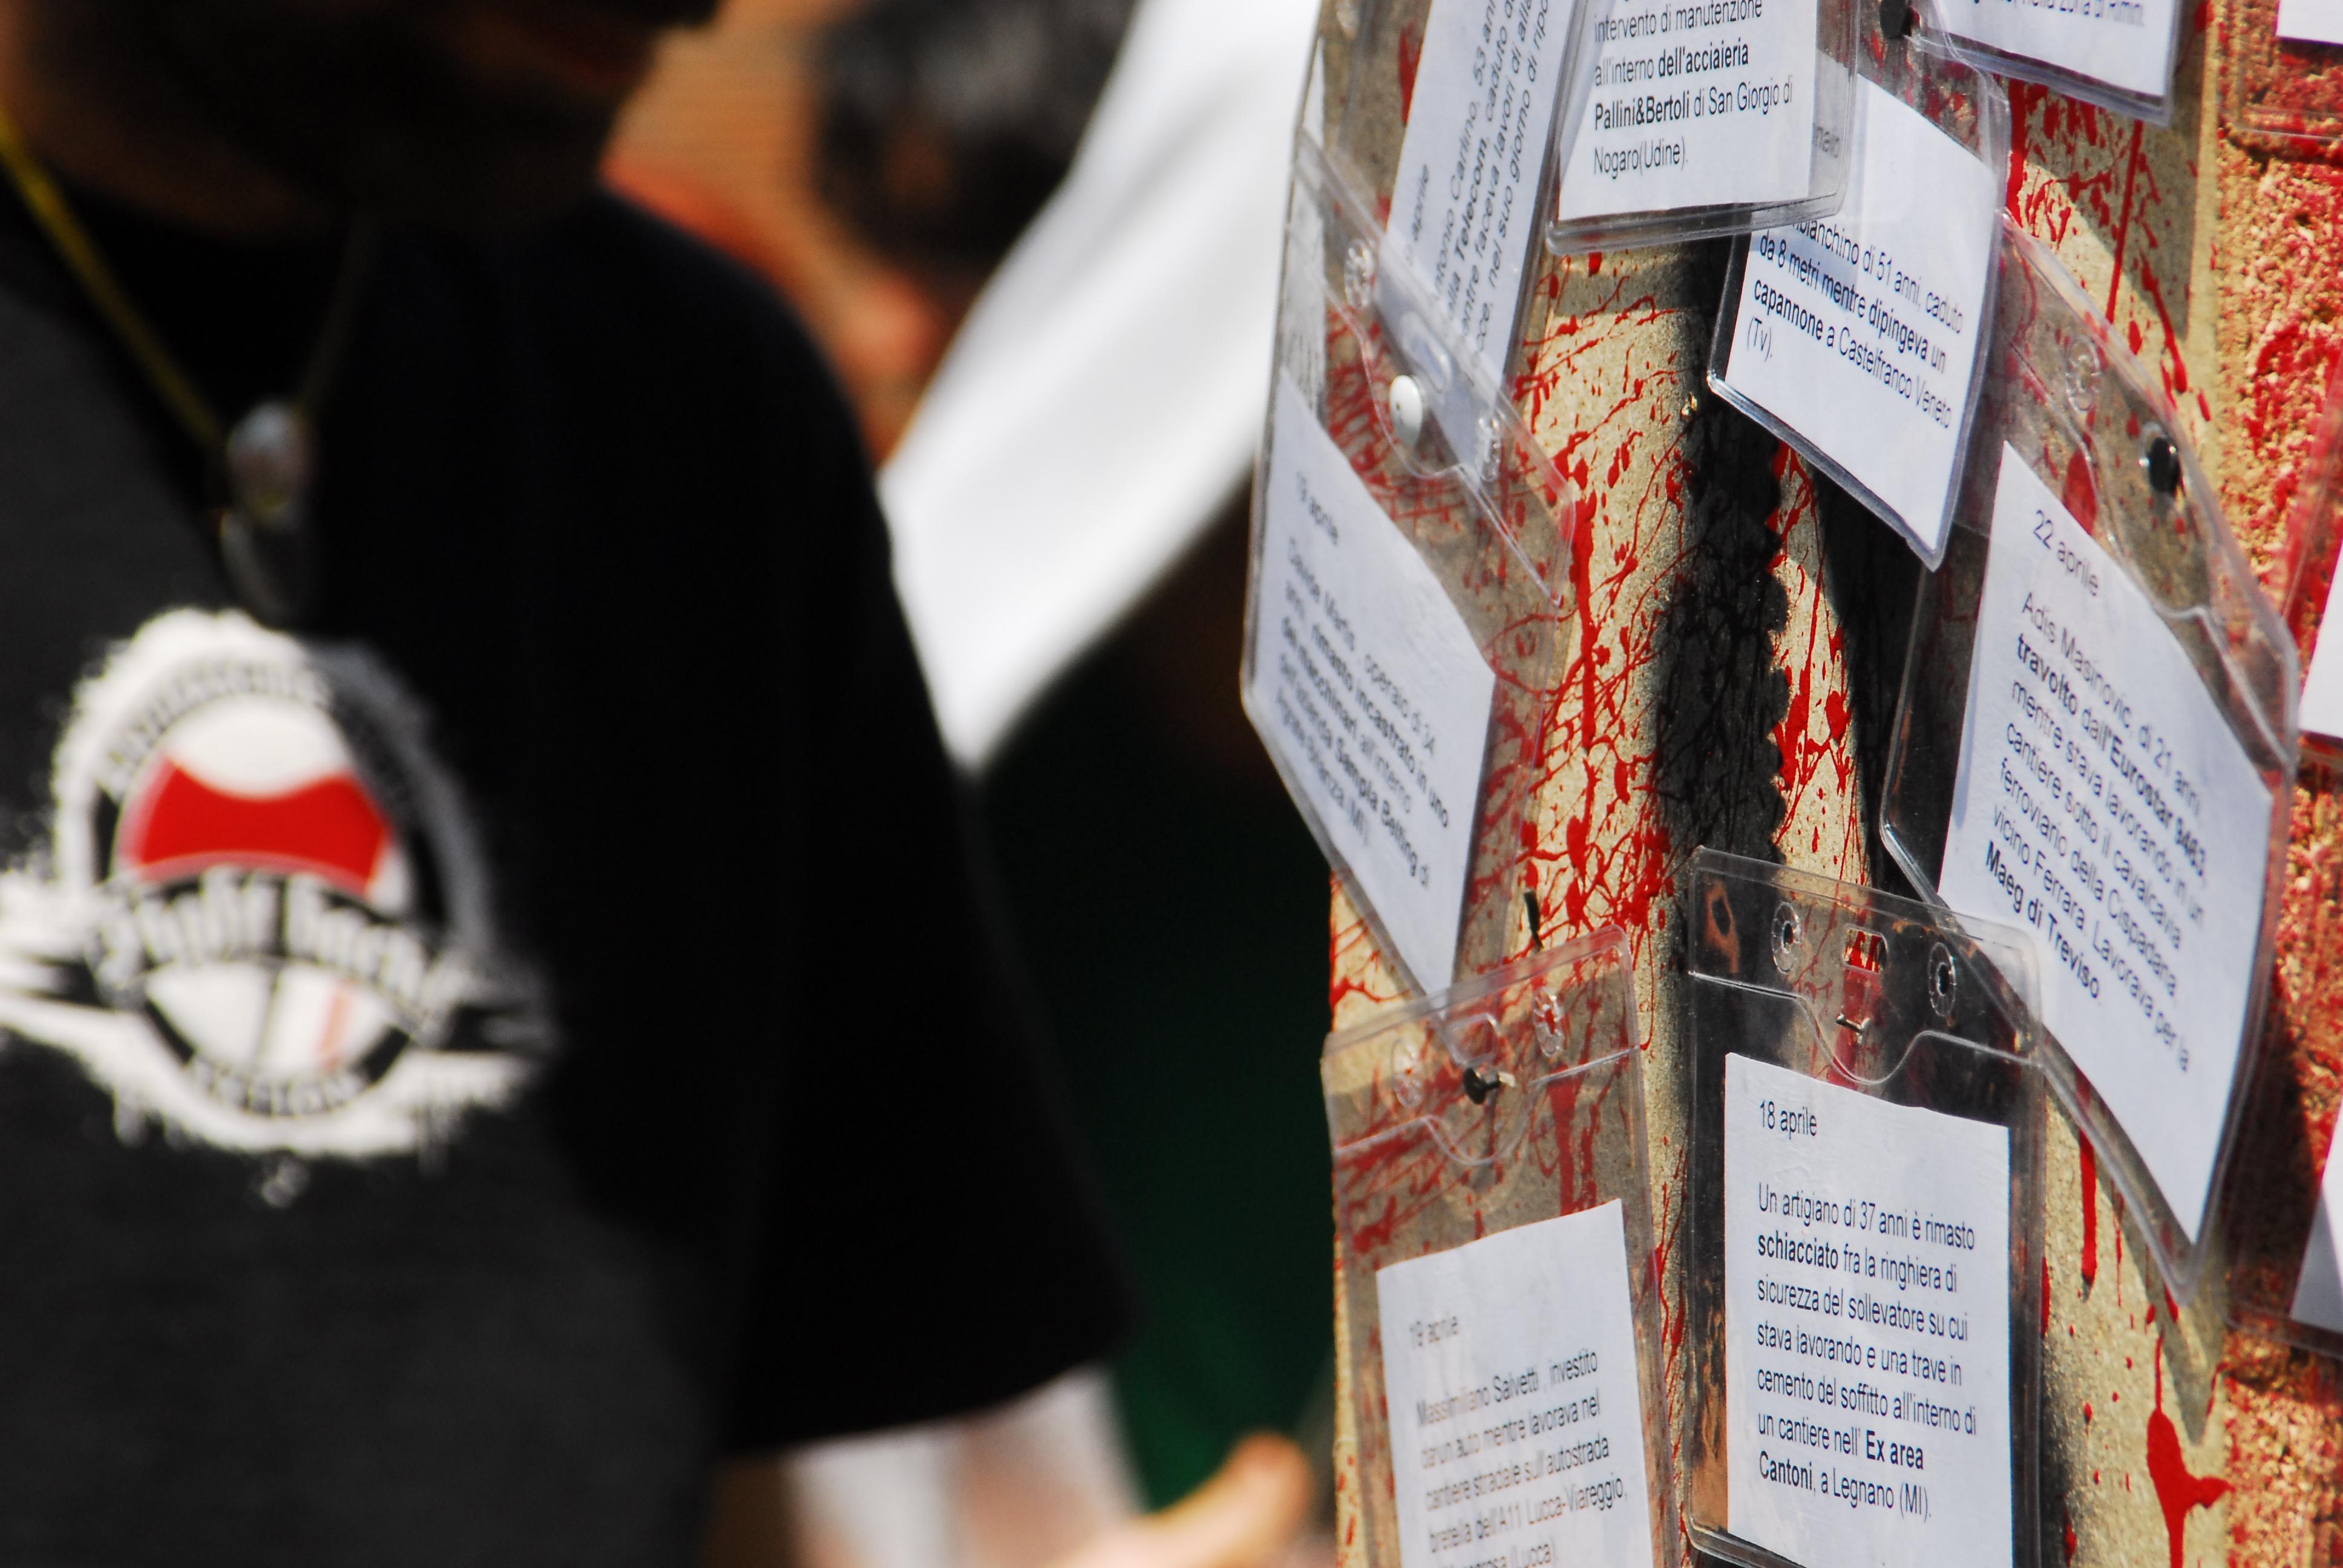 Foto di Valentina Perniciaro _Totem de comitato nomortilavoro.org_